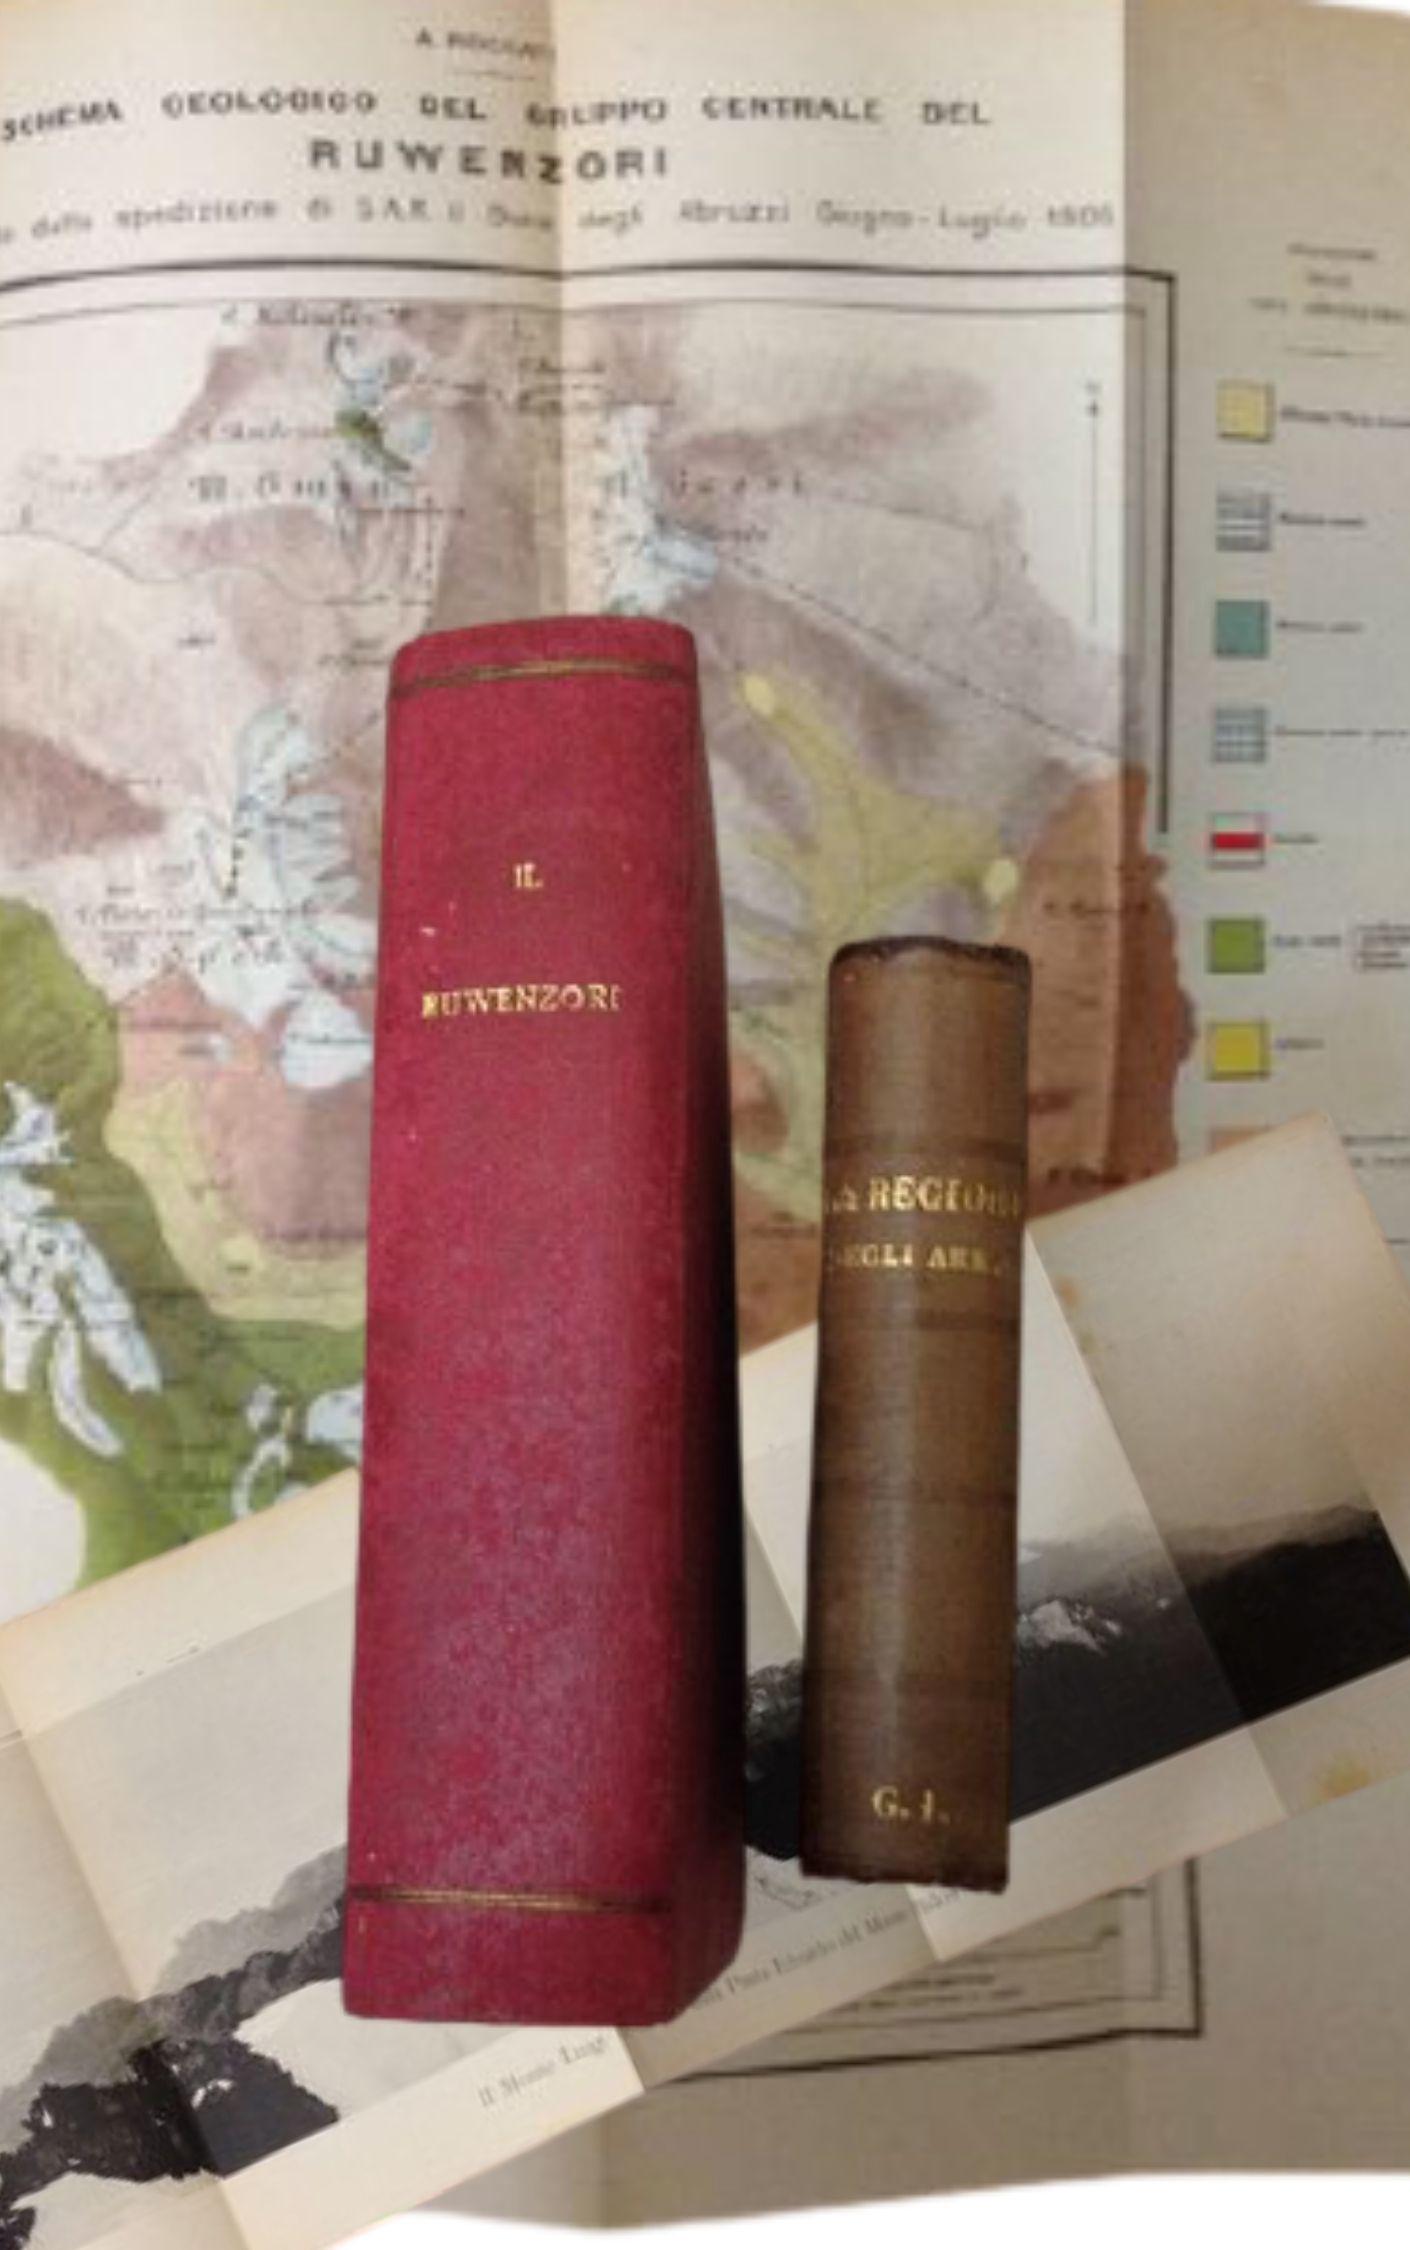 Prezioso lotto di due libri sulle esplorazioni in Africa: Ruwenzori, Amedeo d'Aosta e la regione degli Akkà